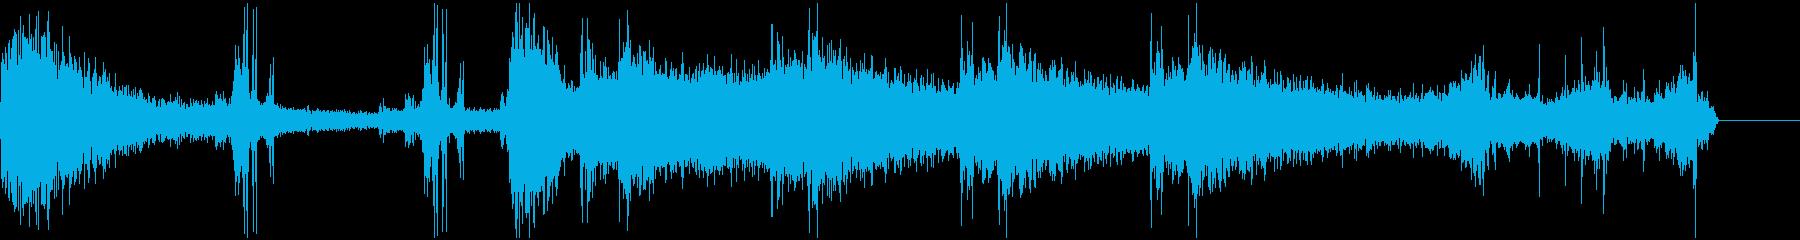 ゴーストの足音 不気味な効果音の再生済みの波形